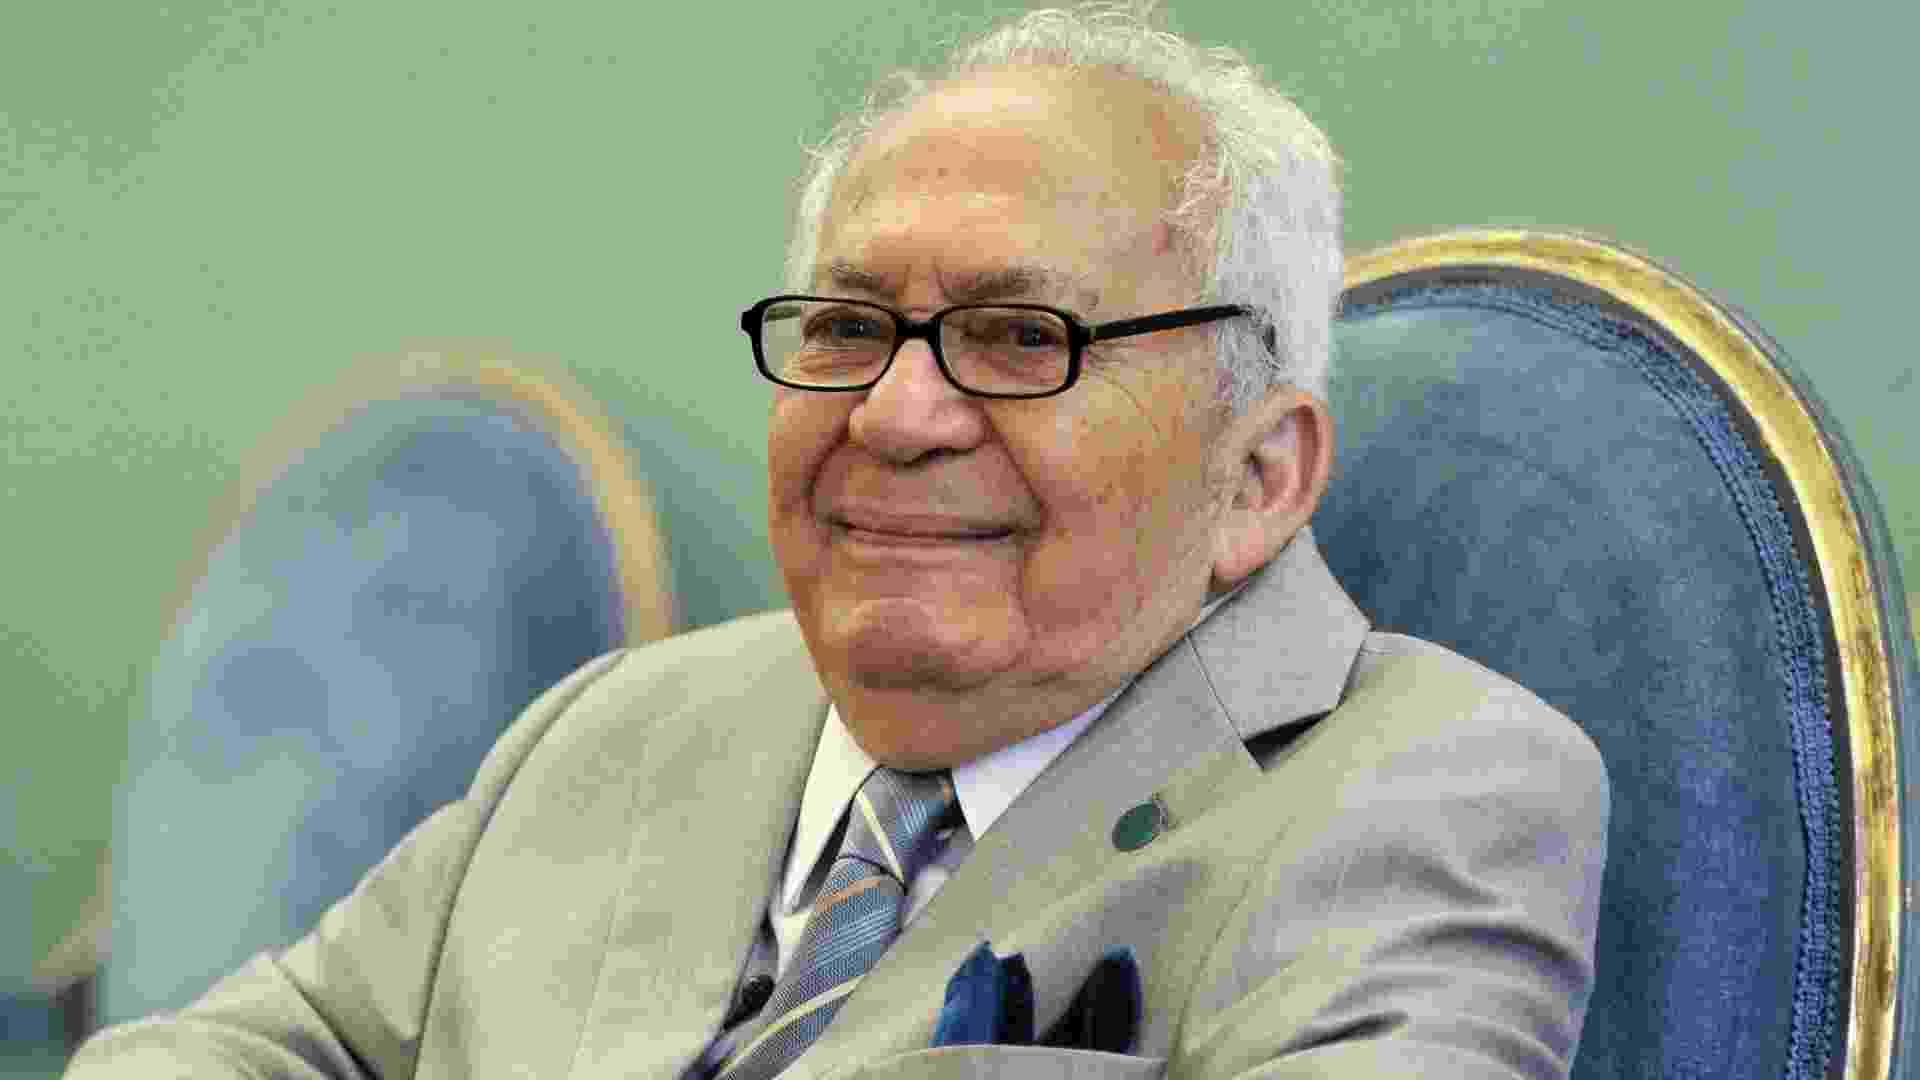 O escritor alagoano Lêdo Ivo na Academia Brasileira de Letras, onde ocupava a Cadeira nº 10 que assumiu em 1986 - Acervo ABL